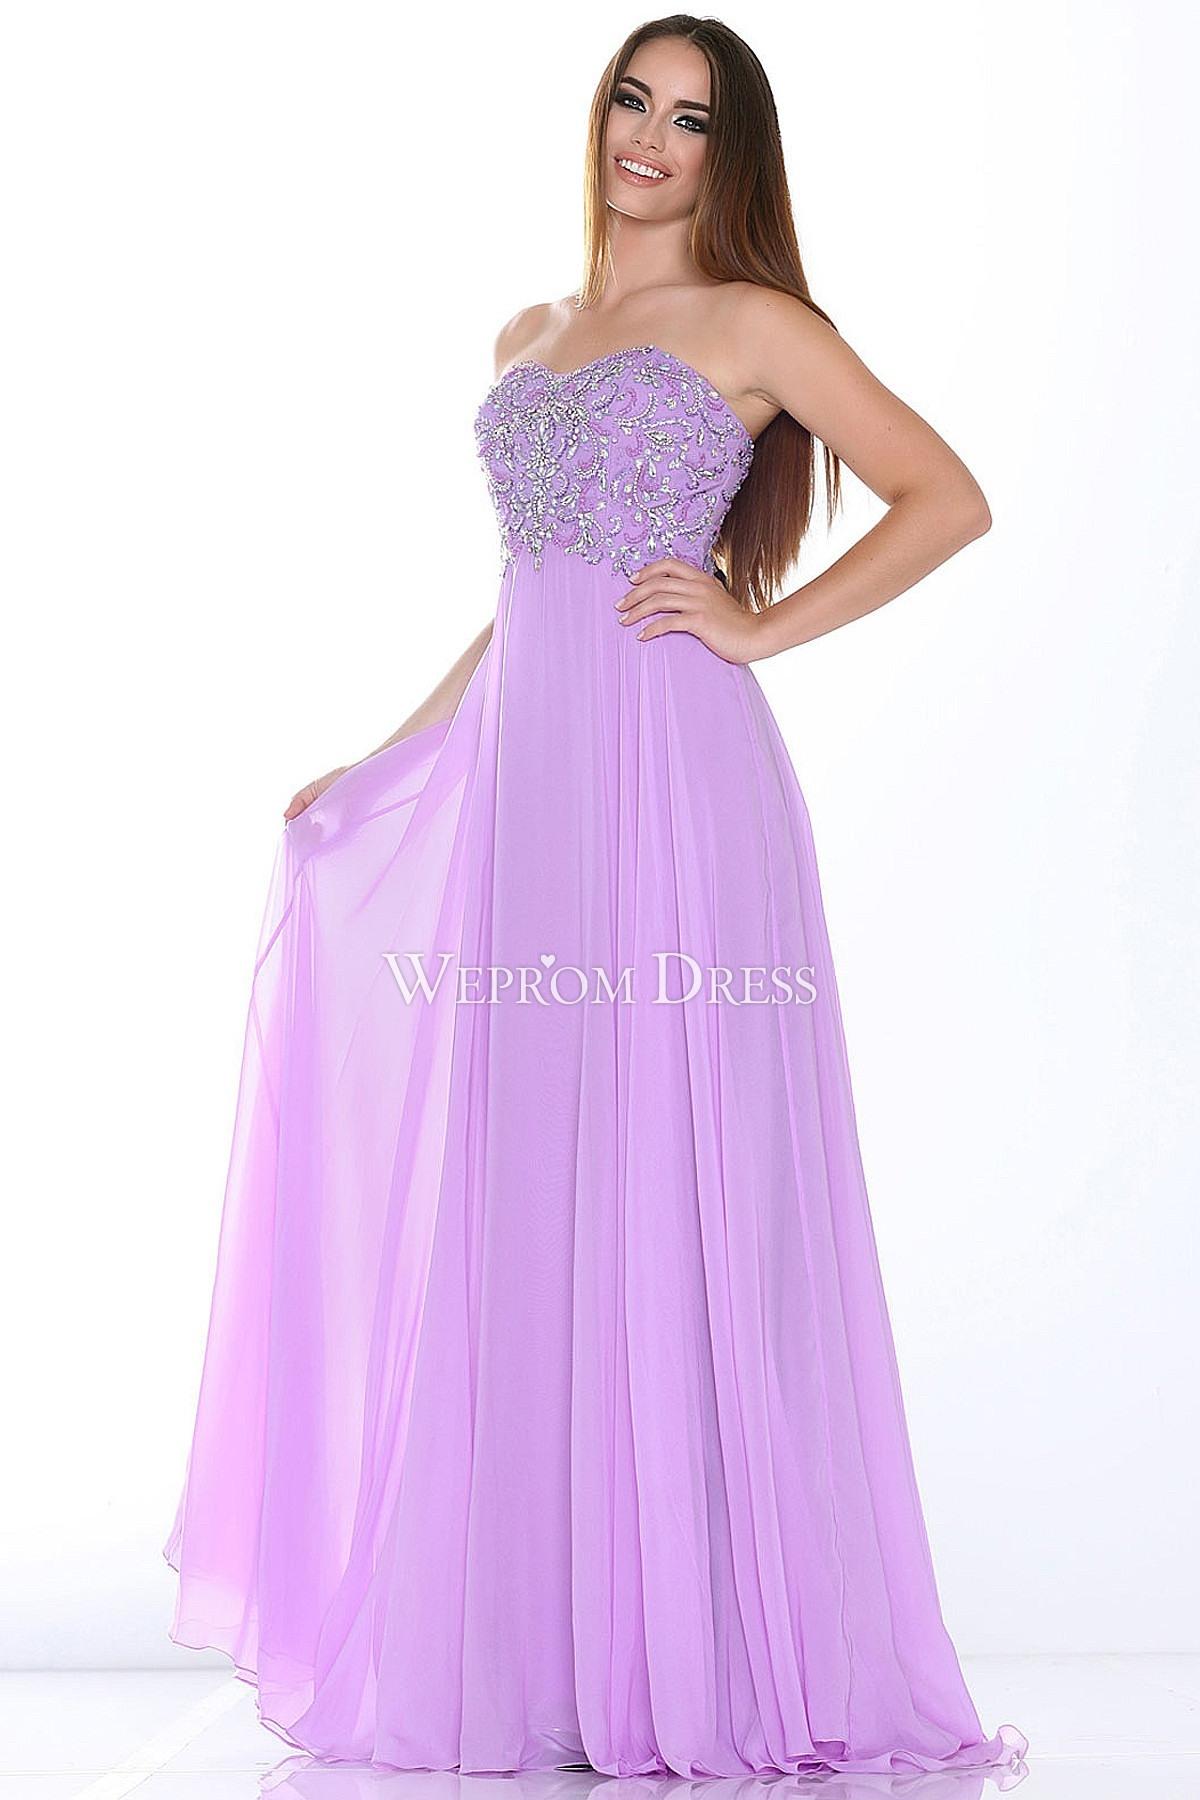 Abend Einfach Flieder Kleid Lang Boutique - Abendkleid